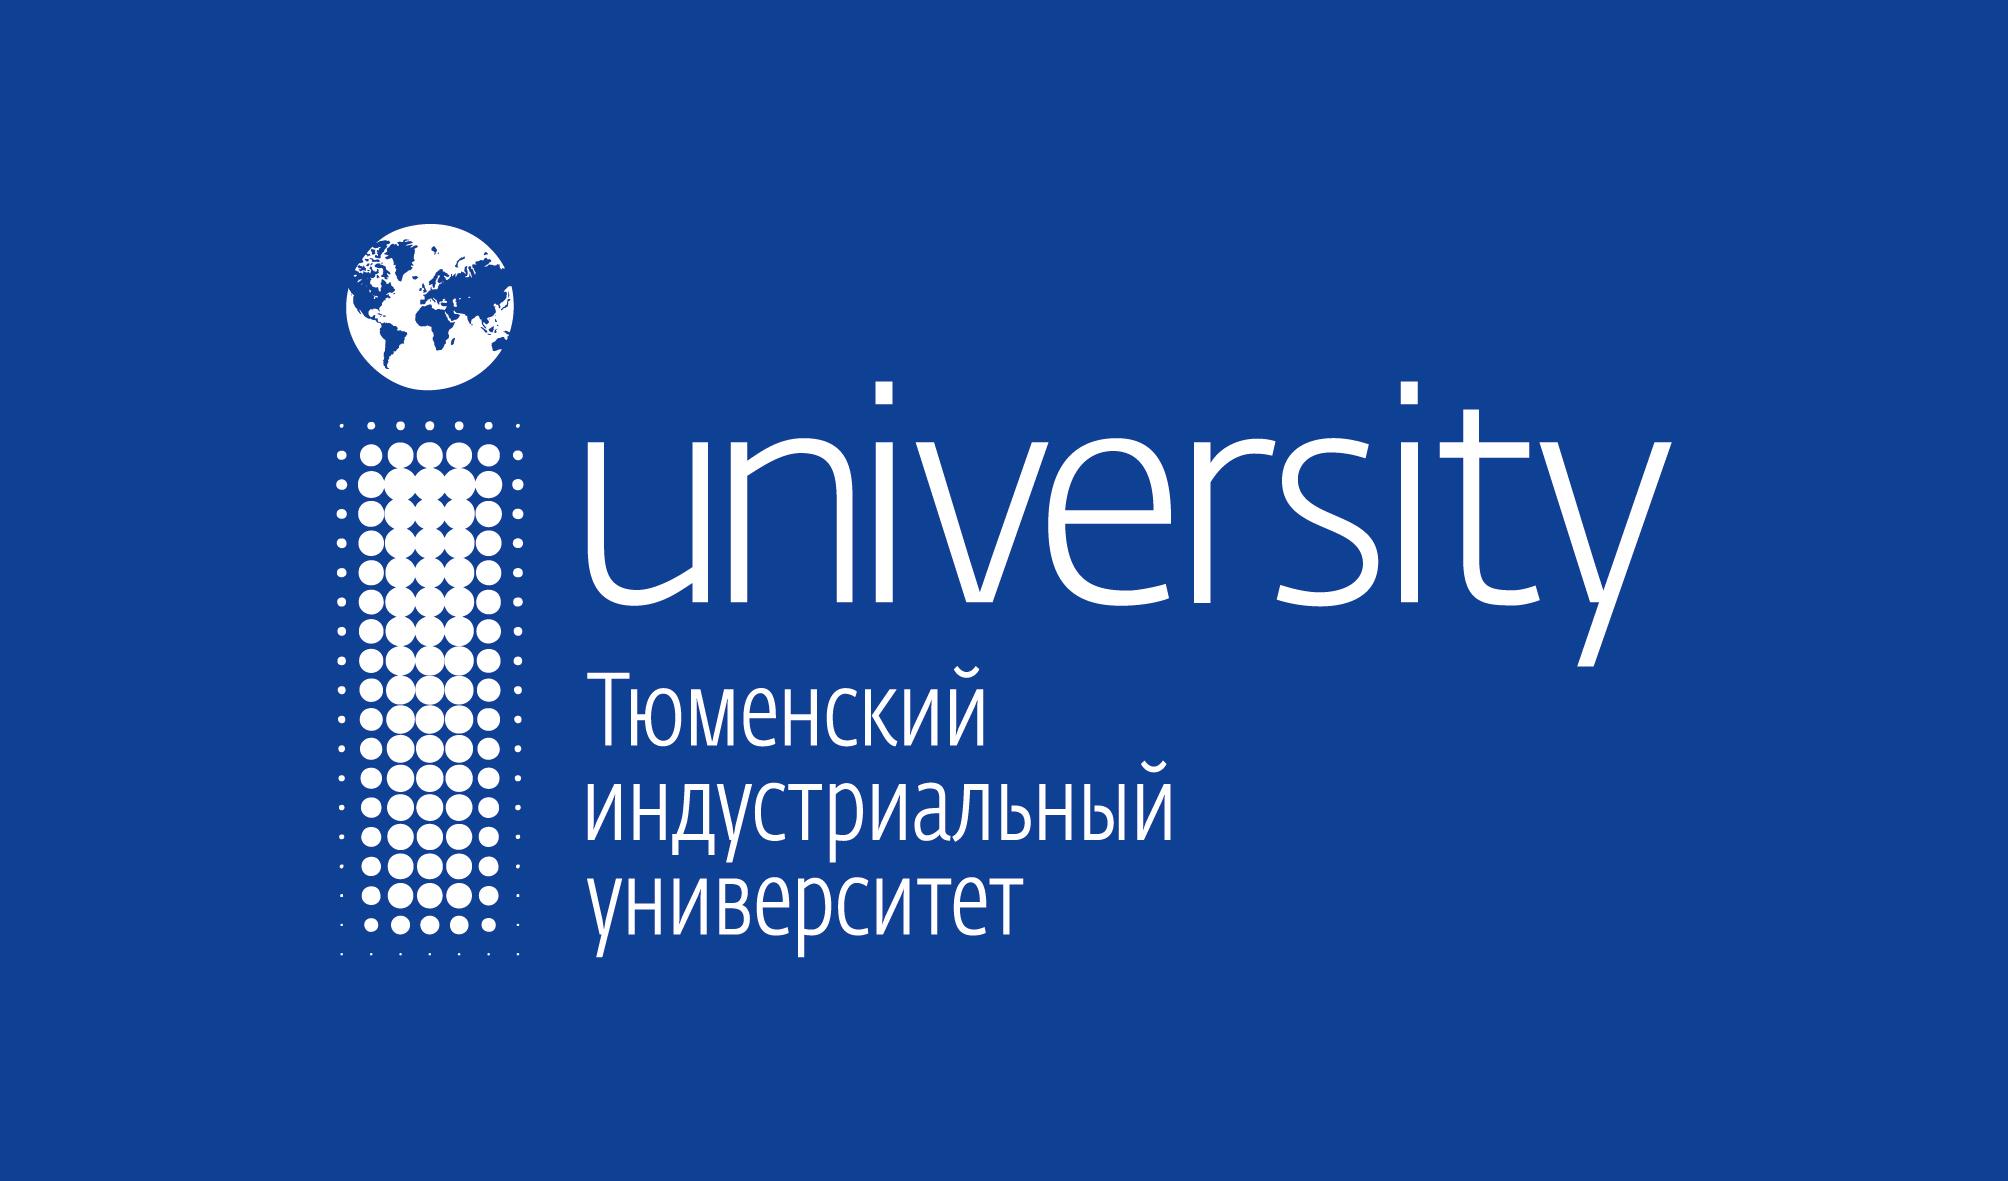 Заявка на дистанционное обучение в Тюменский индустриальный университет